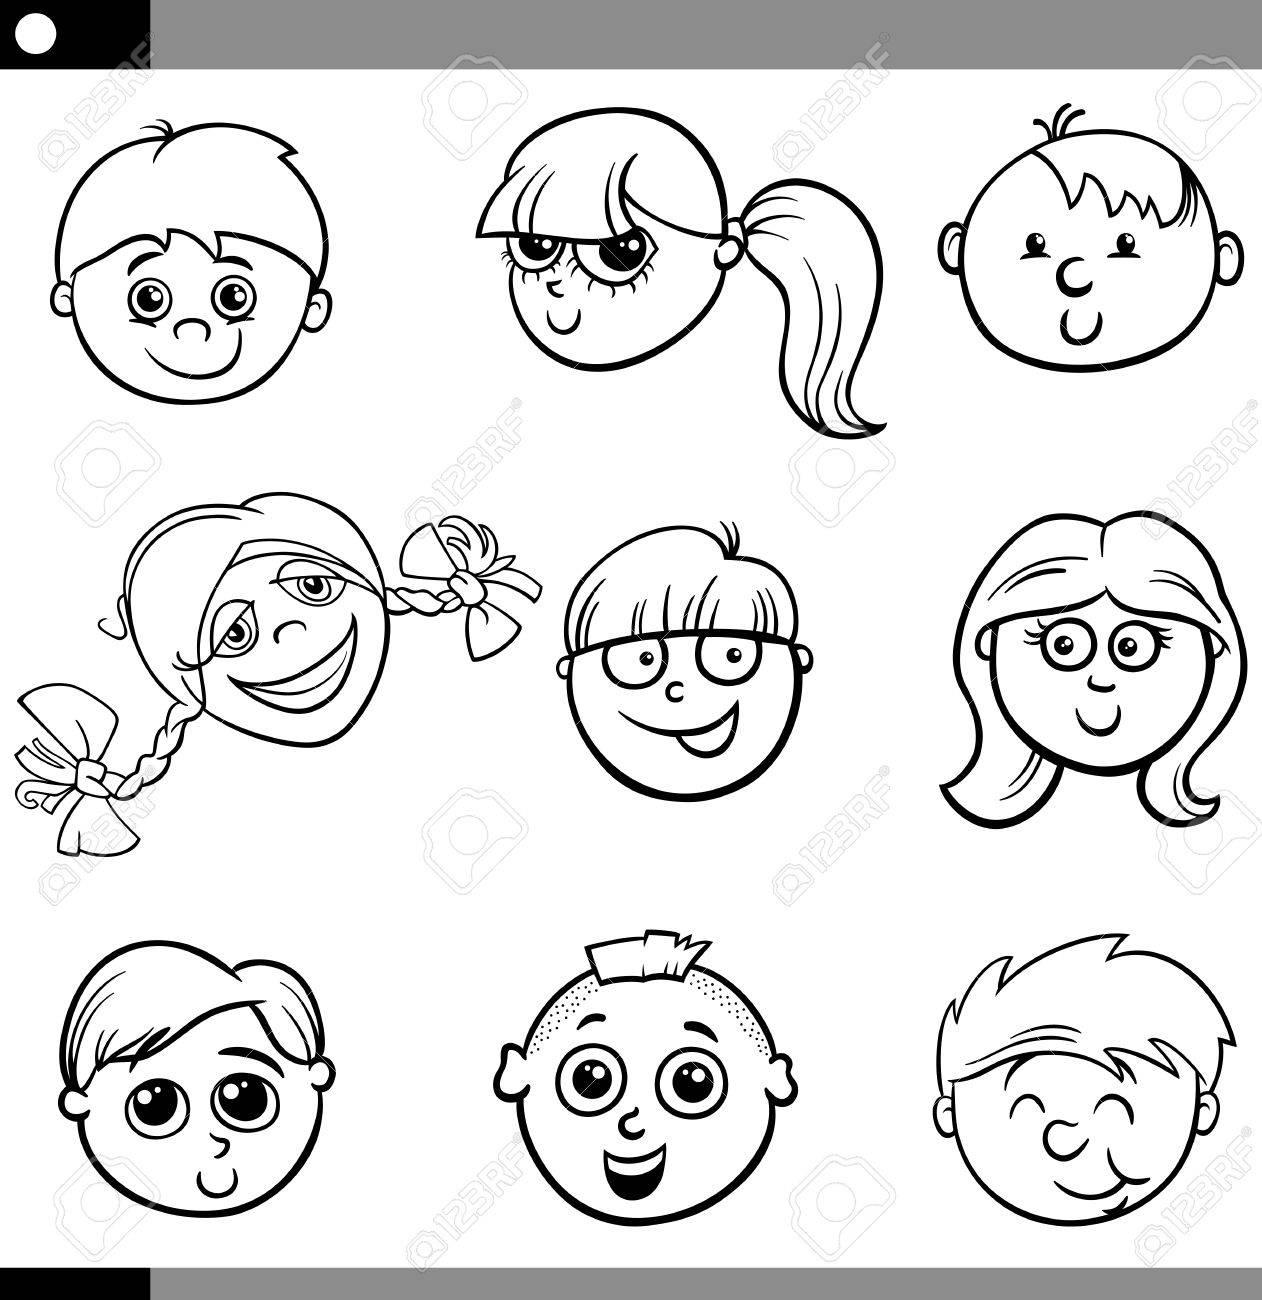 Schwarz-Weiß-Cartoon-Illustration Von Niedlichen Kinder Gesichter ...